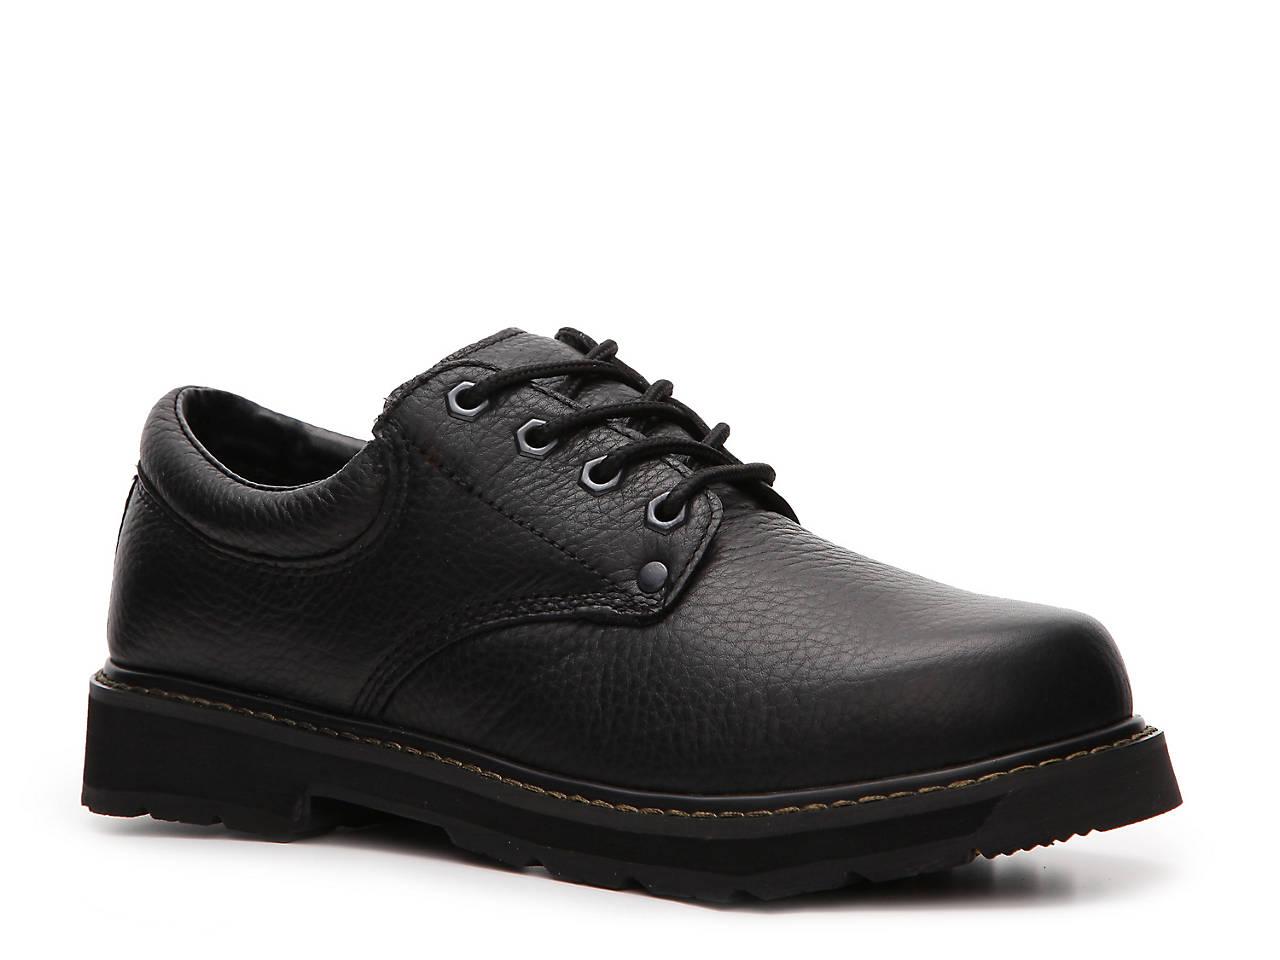 31423f6de97 Dr. Scholl s Harrington Work Oxford Men s Shoes